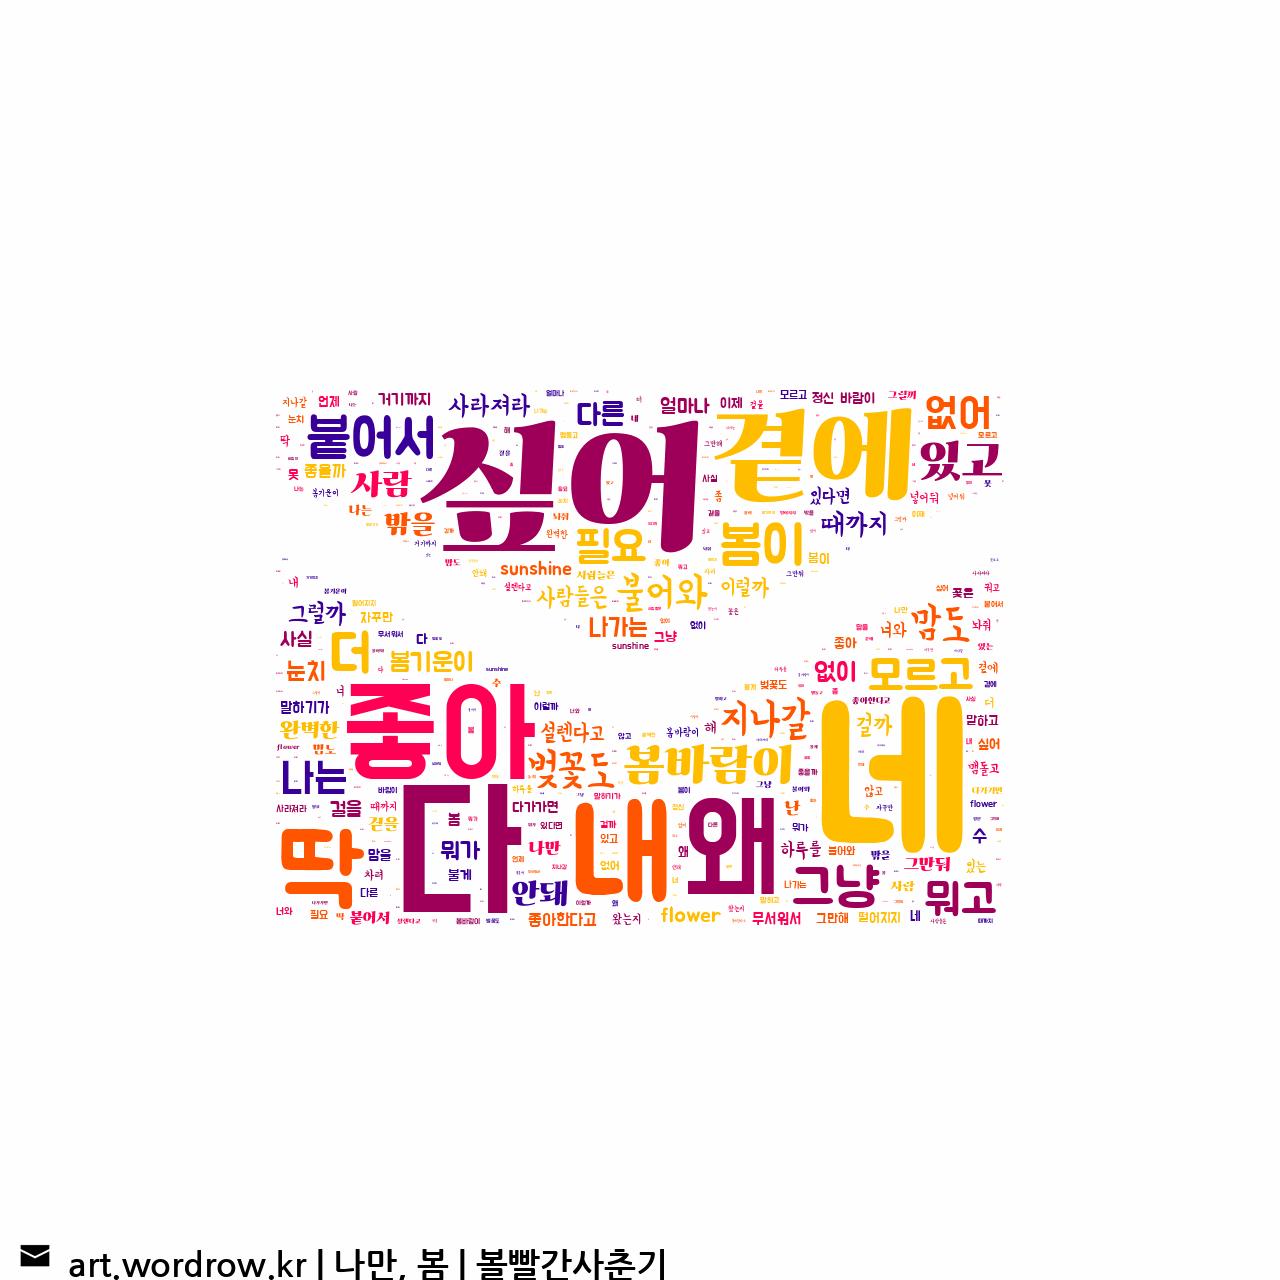 워드 아트: 나만, 봄 [볼빨간사춘기]-77